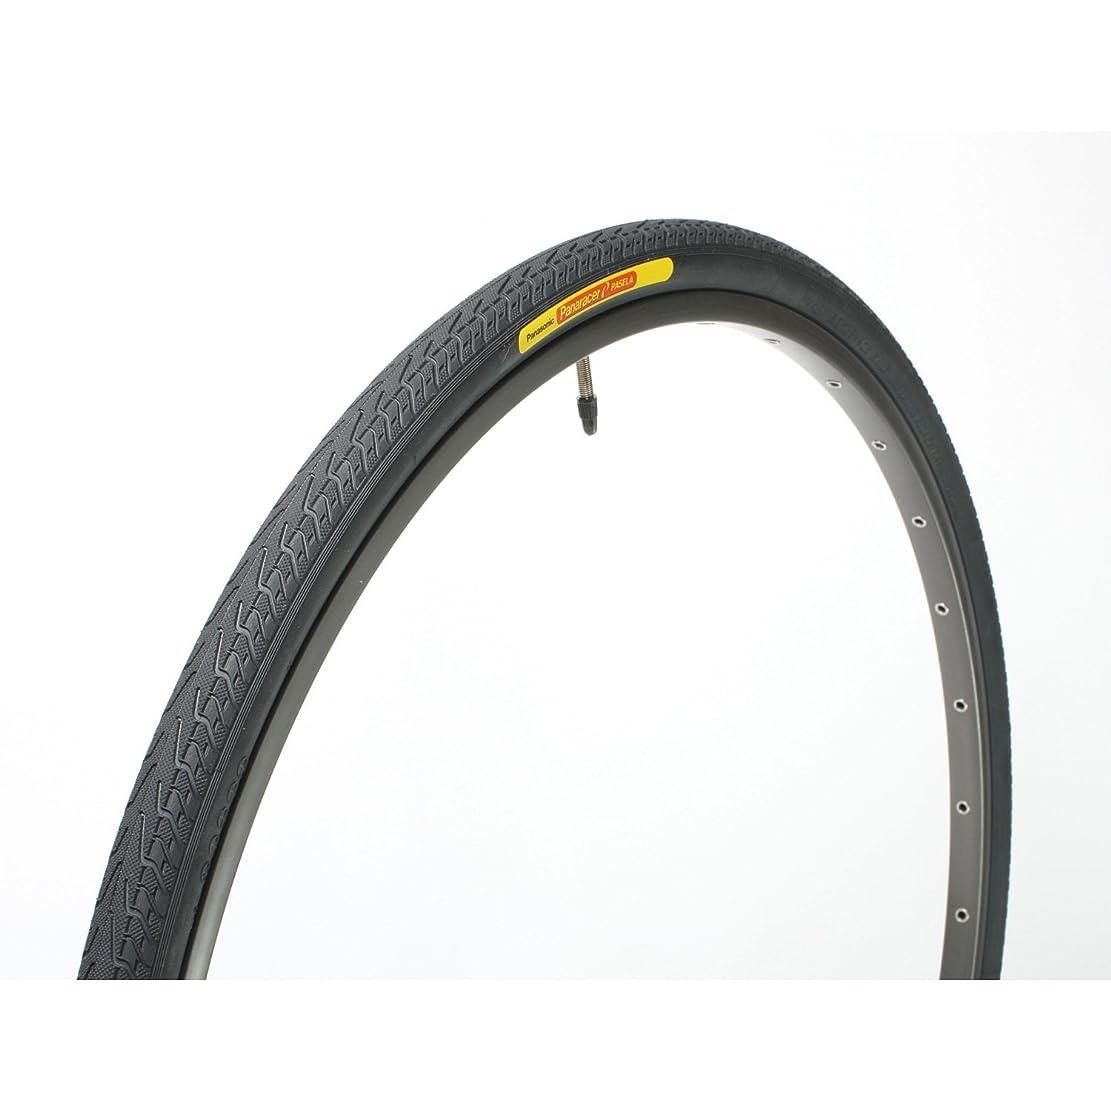 オン無法者床パナレーサー(Panaracer) クリンチャー タイヤ [700×38C] パセラ ブラックス 8W738-18-B ブラック ( クロスバイク シクロクロスバイク / 街乗り 通勤 ツーリング ロングライド用 )